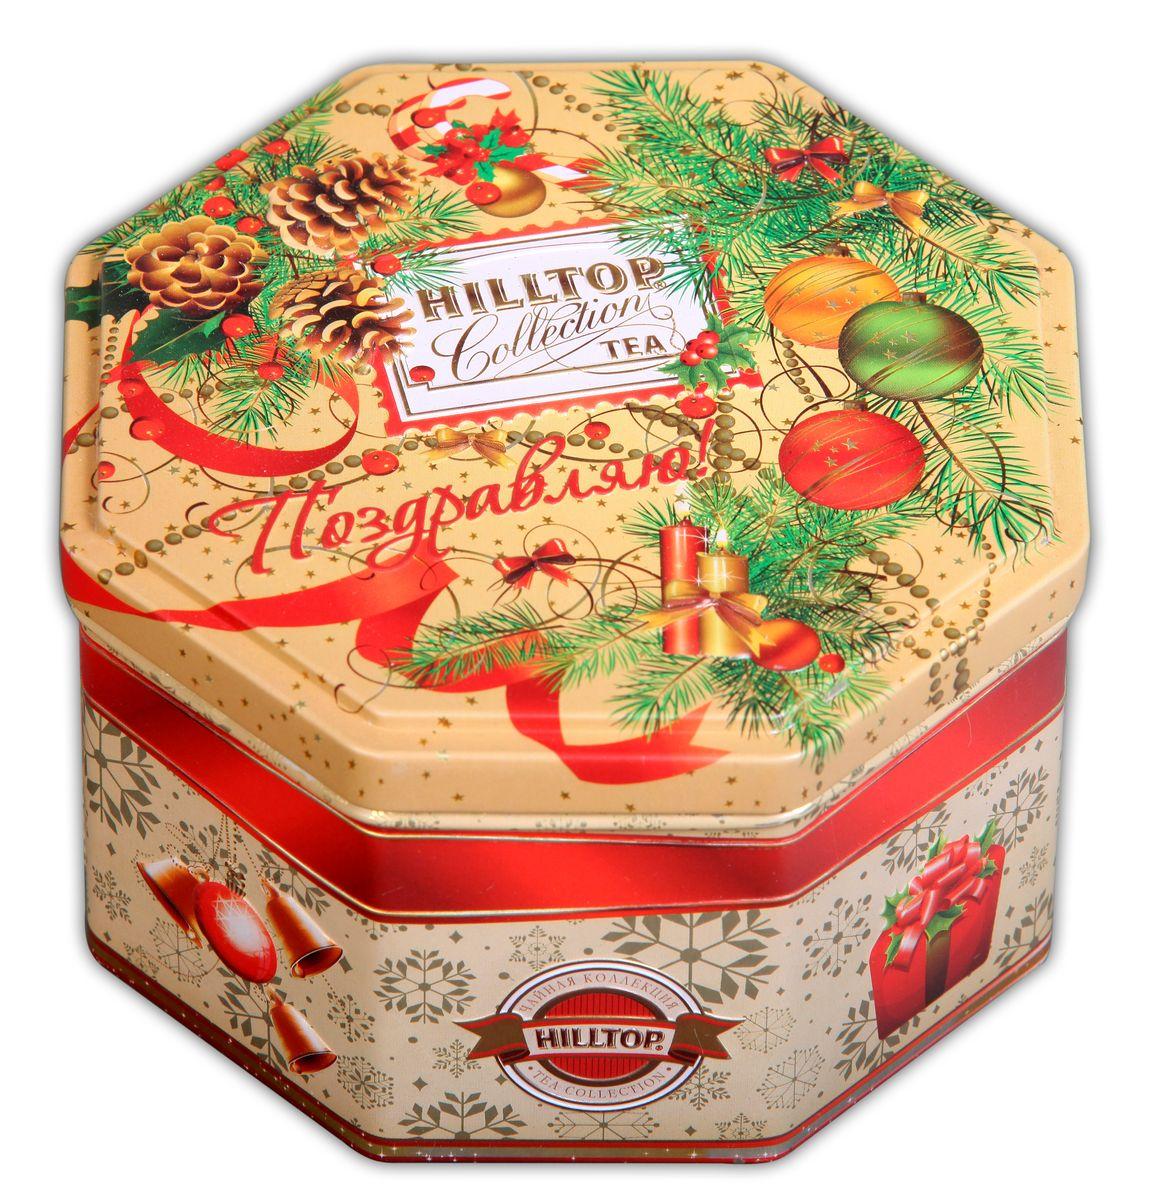 Hilltop С Новым годом Королевское золото черный листовой чай, 150 г hilltop с рождеством праздничный черный листовой чай 150 г